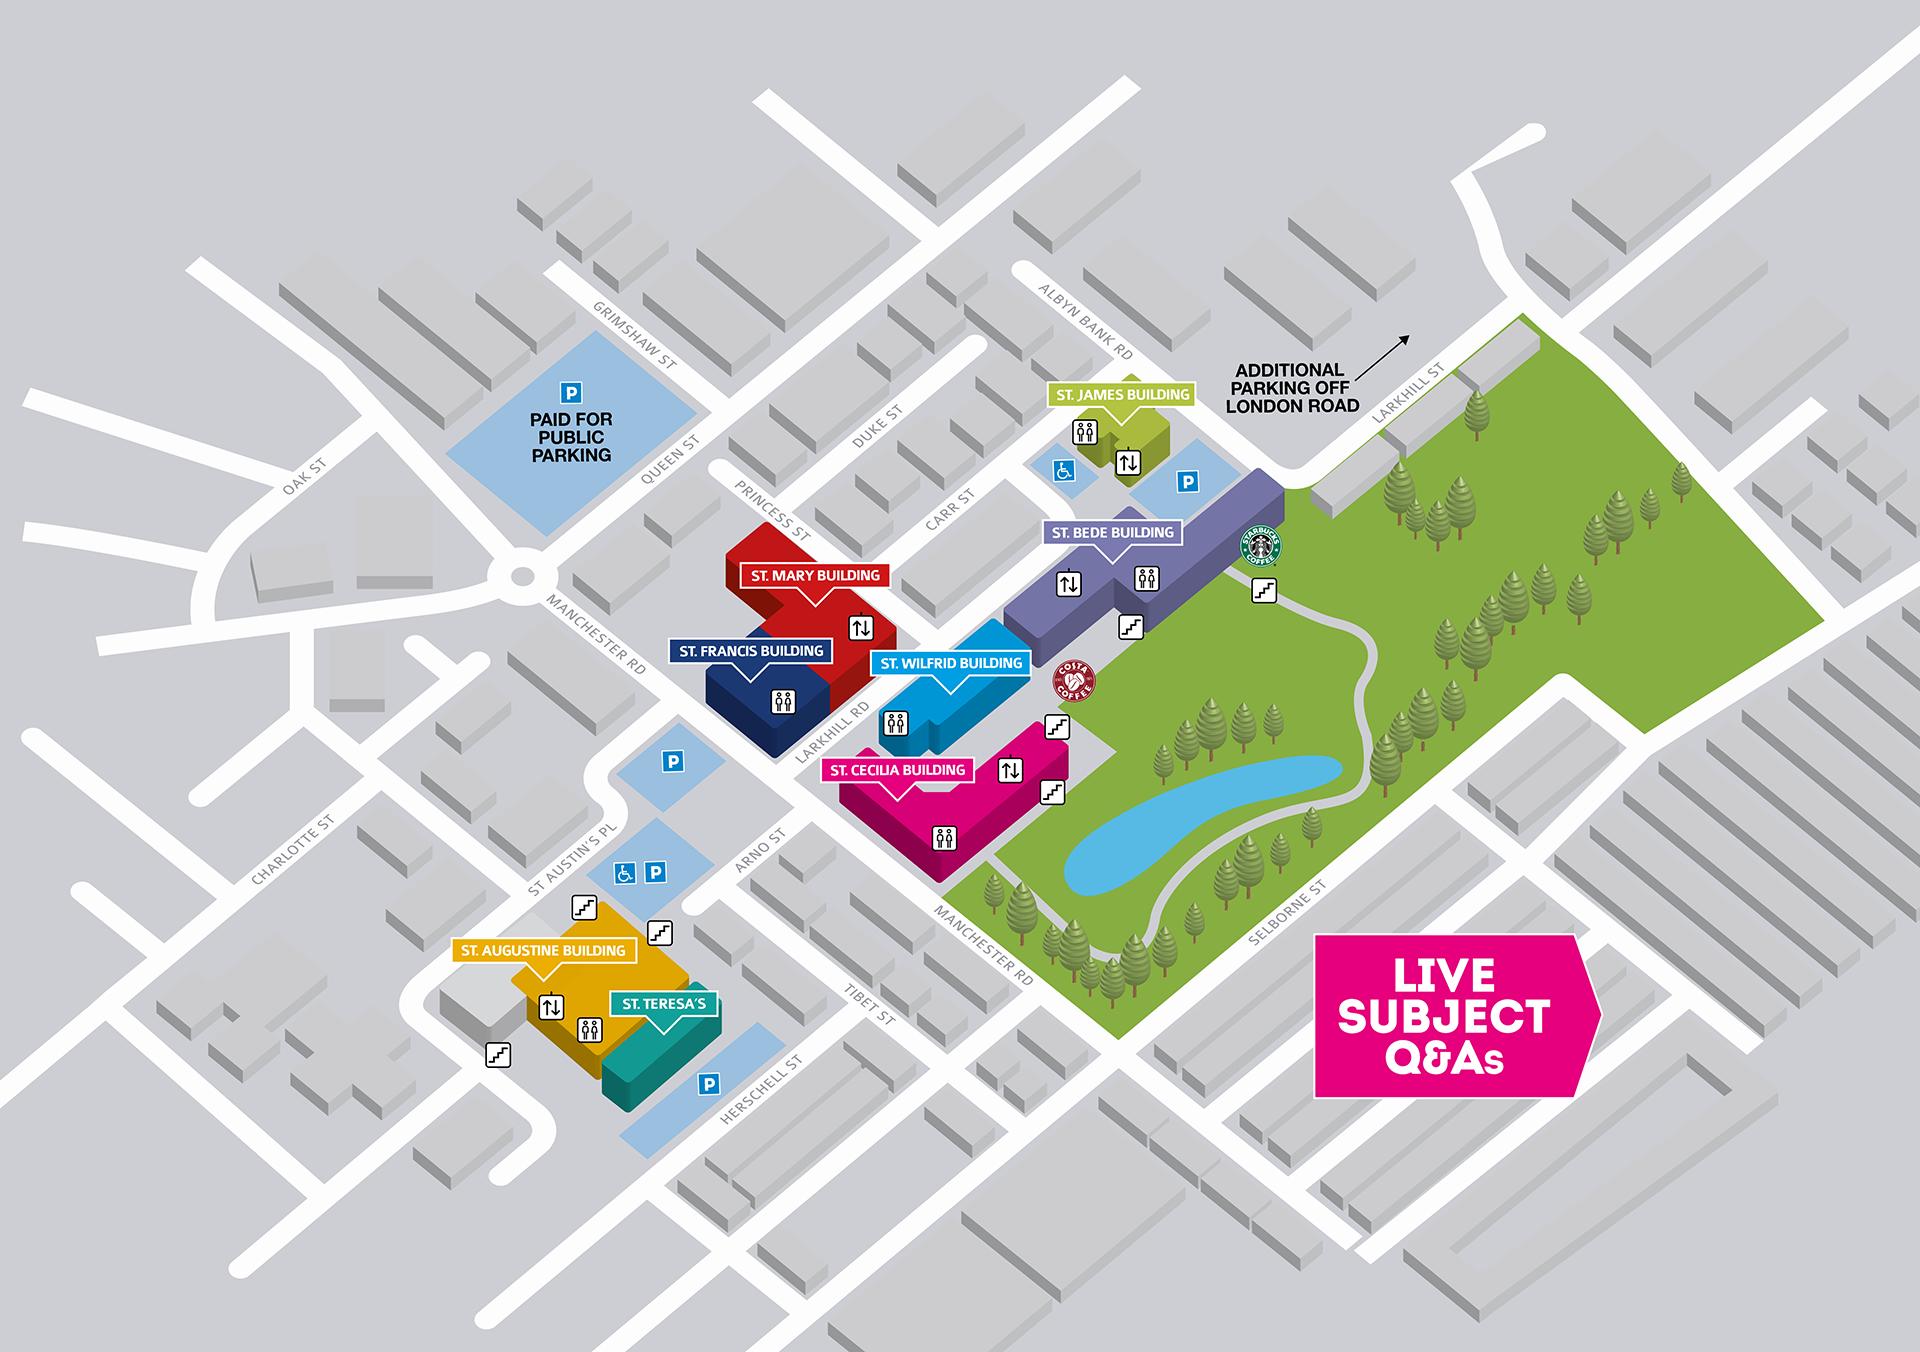 Cardinal Newman campus map